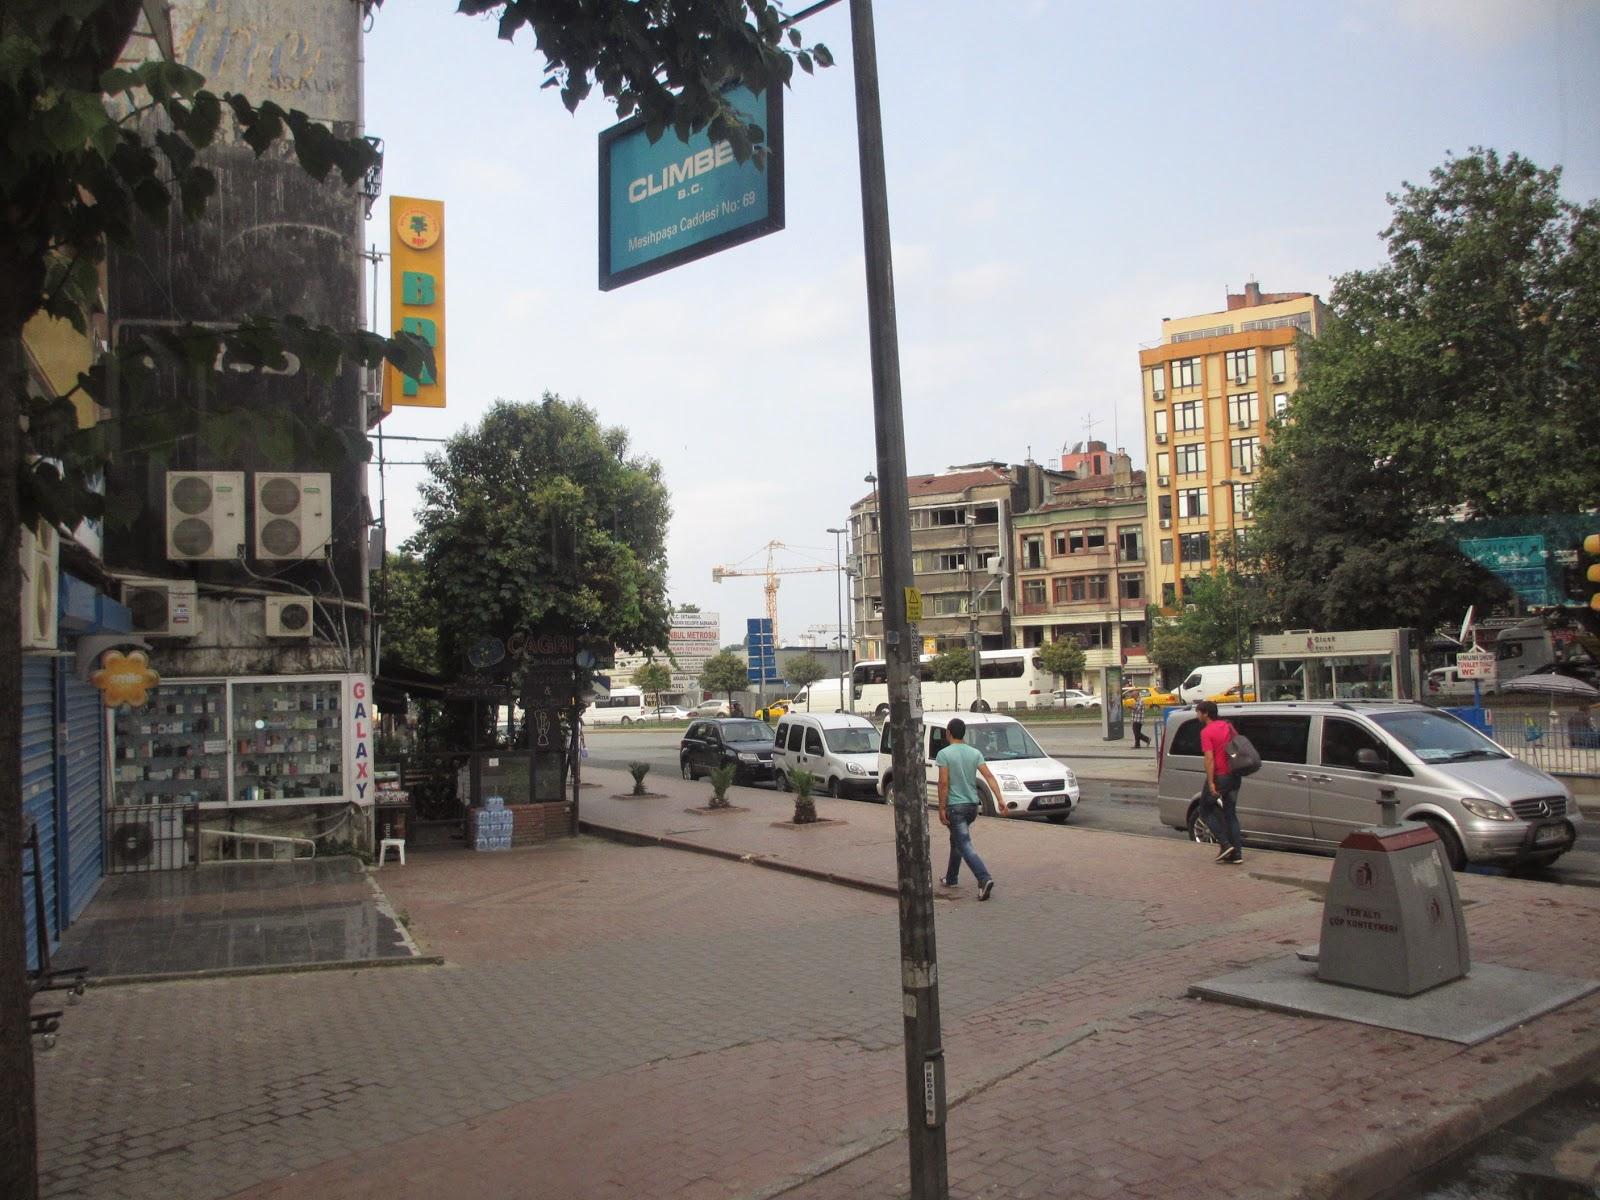 Travel Umroh Harga 2015 Terbaik Bagus dan Terpercaya di Warung Buncit Jakarta selatan